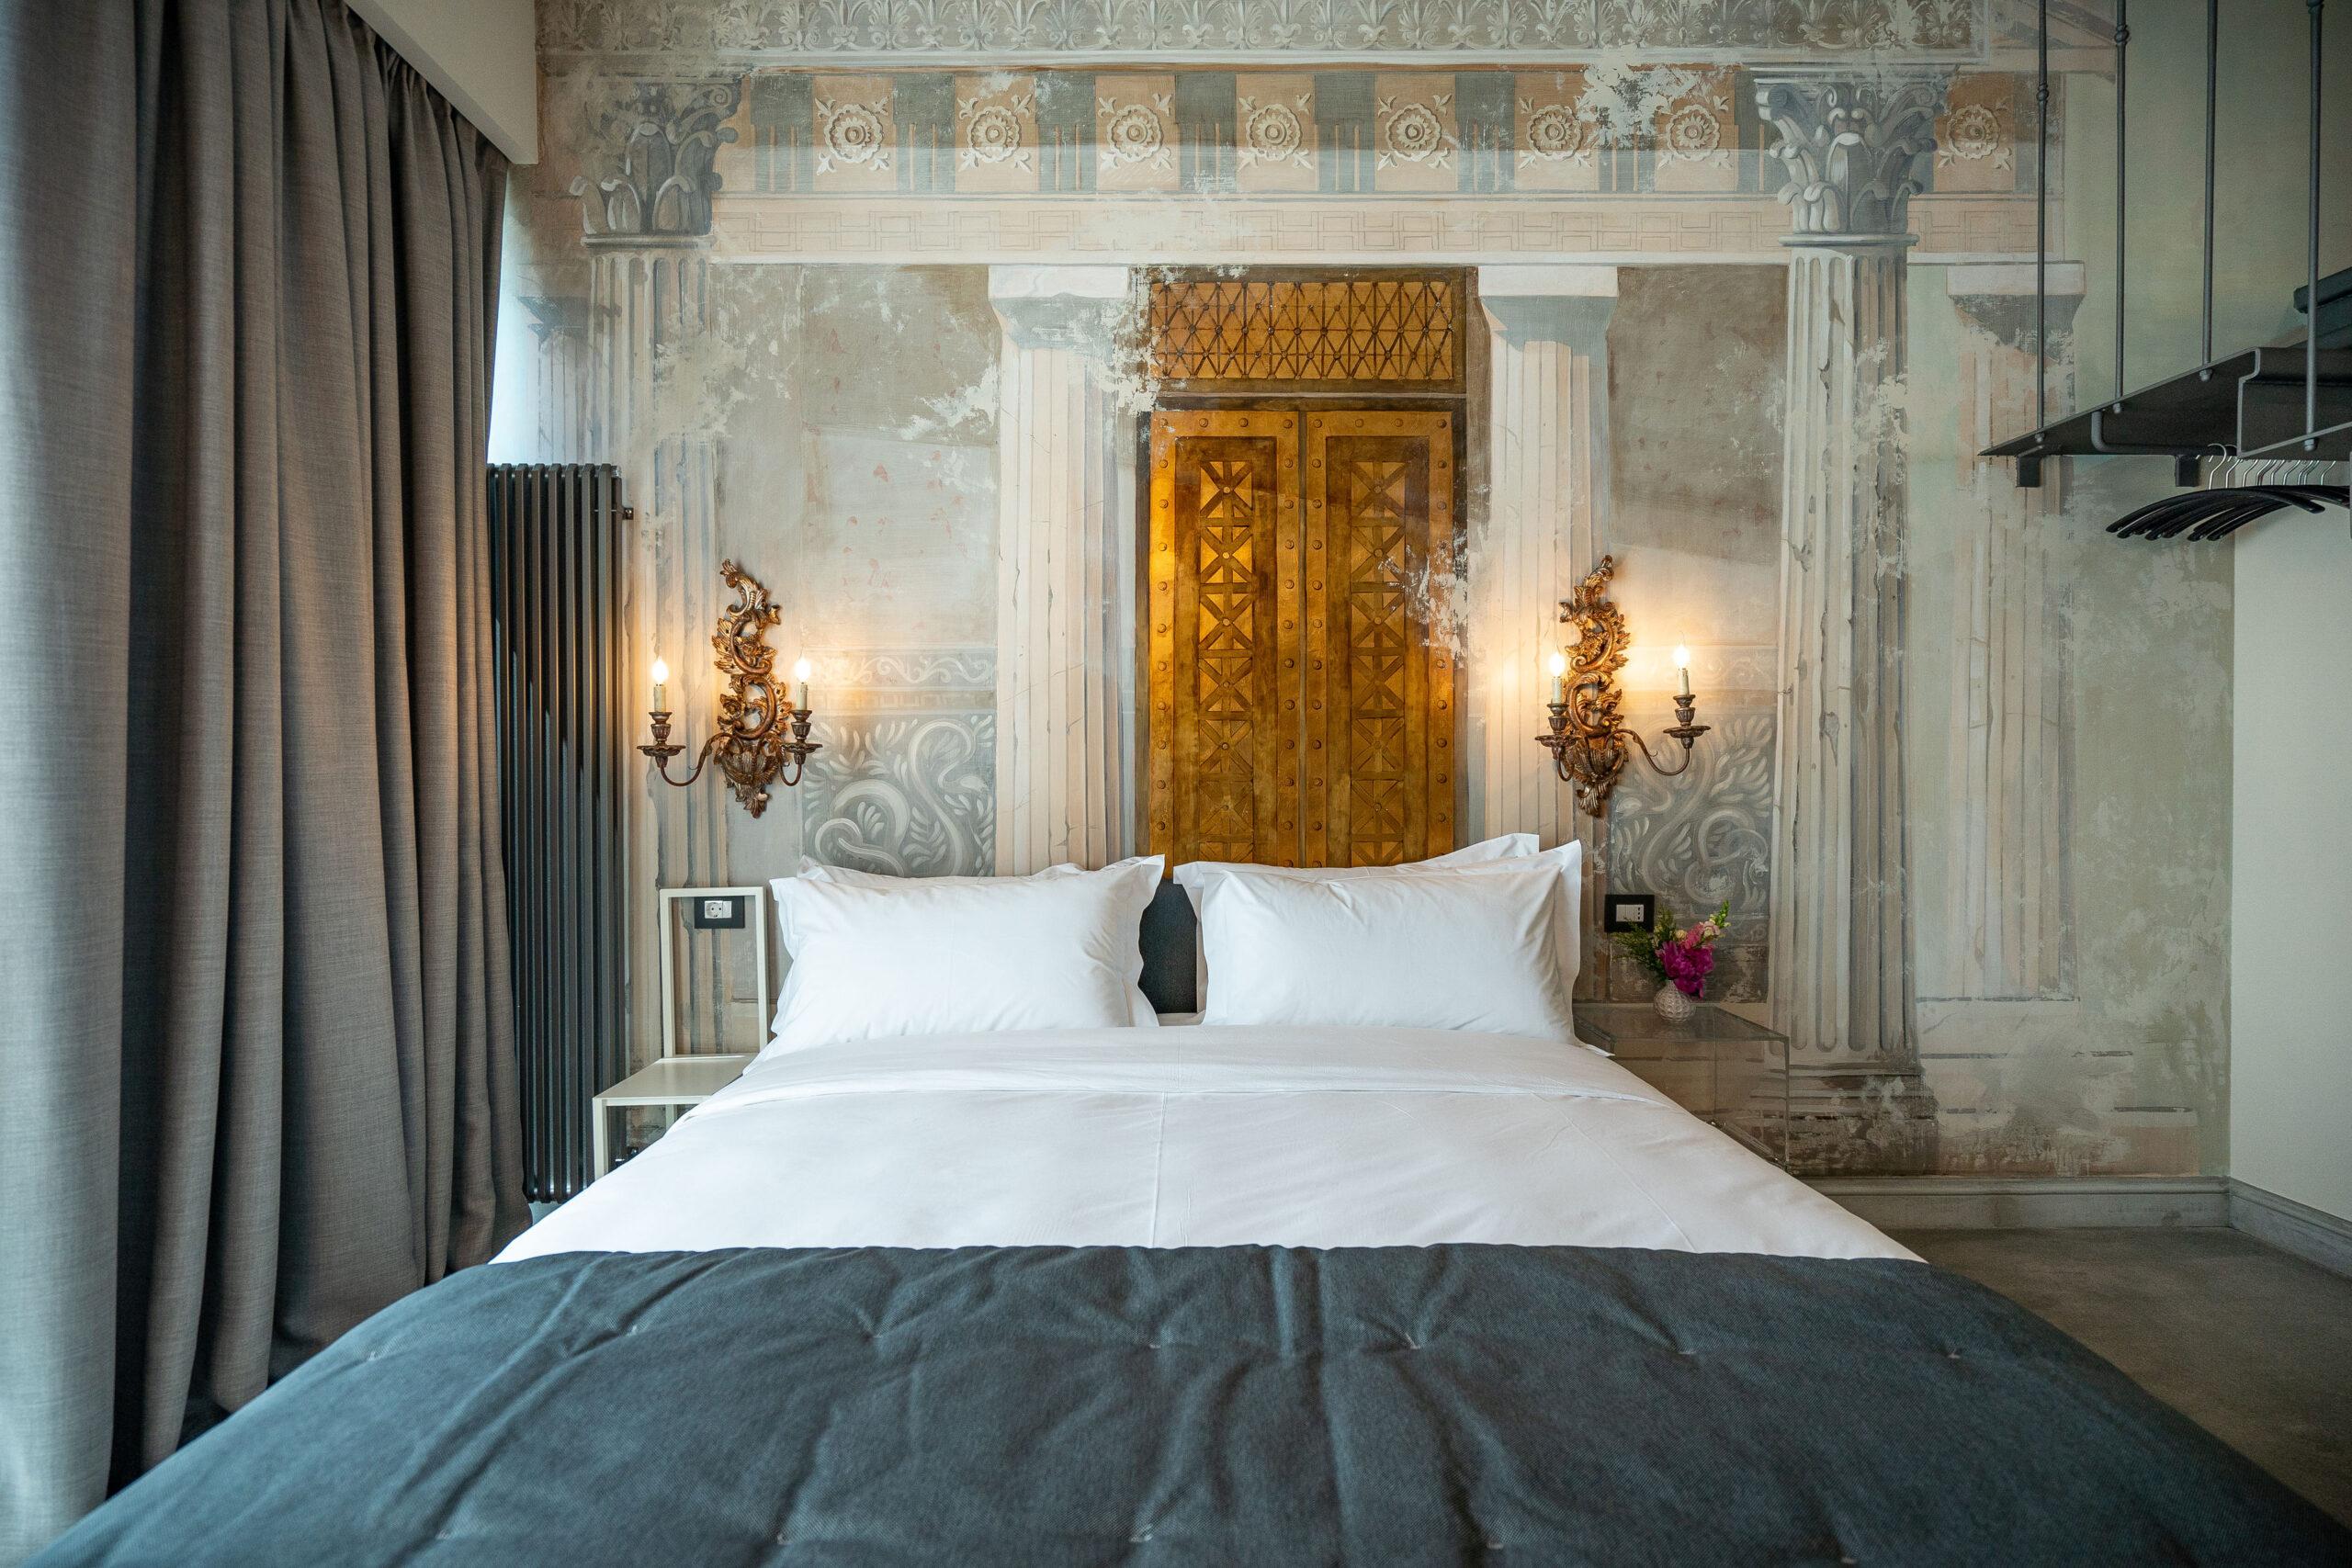 interior boutique hotel vilaopt constanta 4*